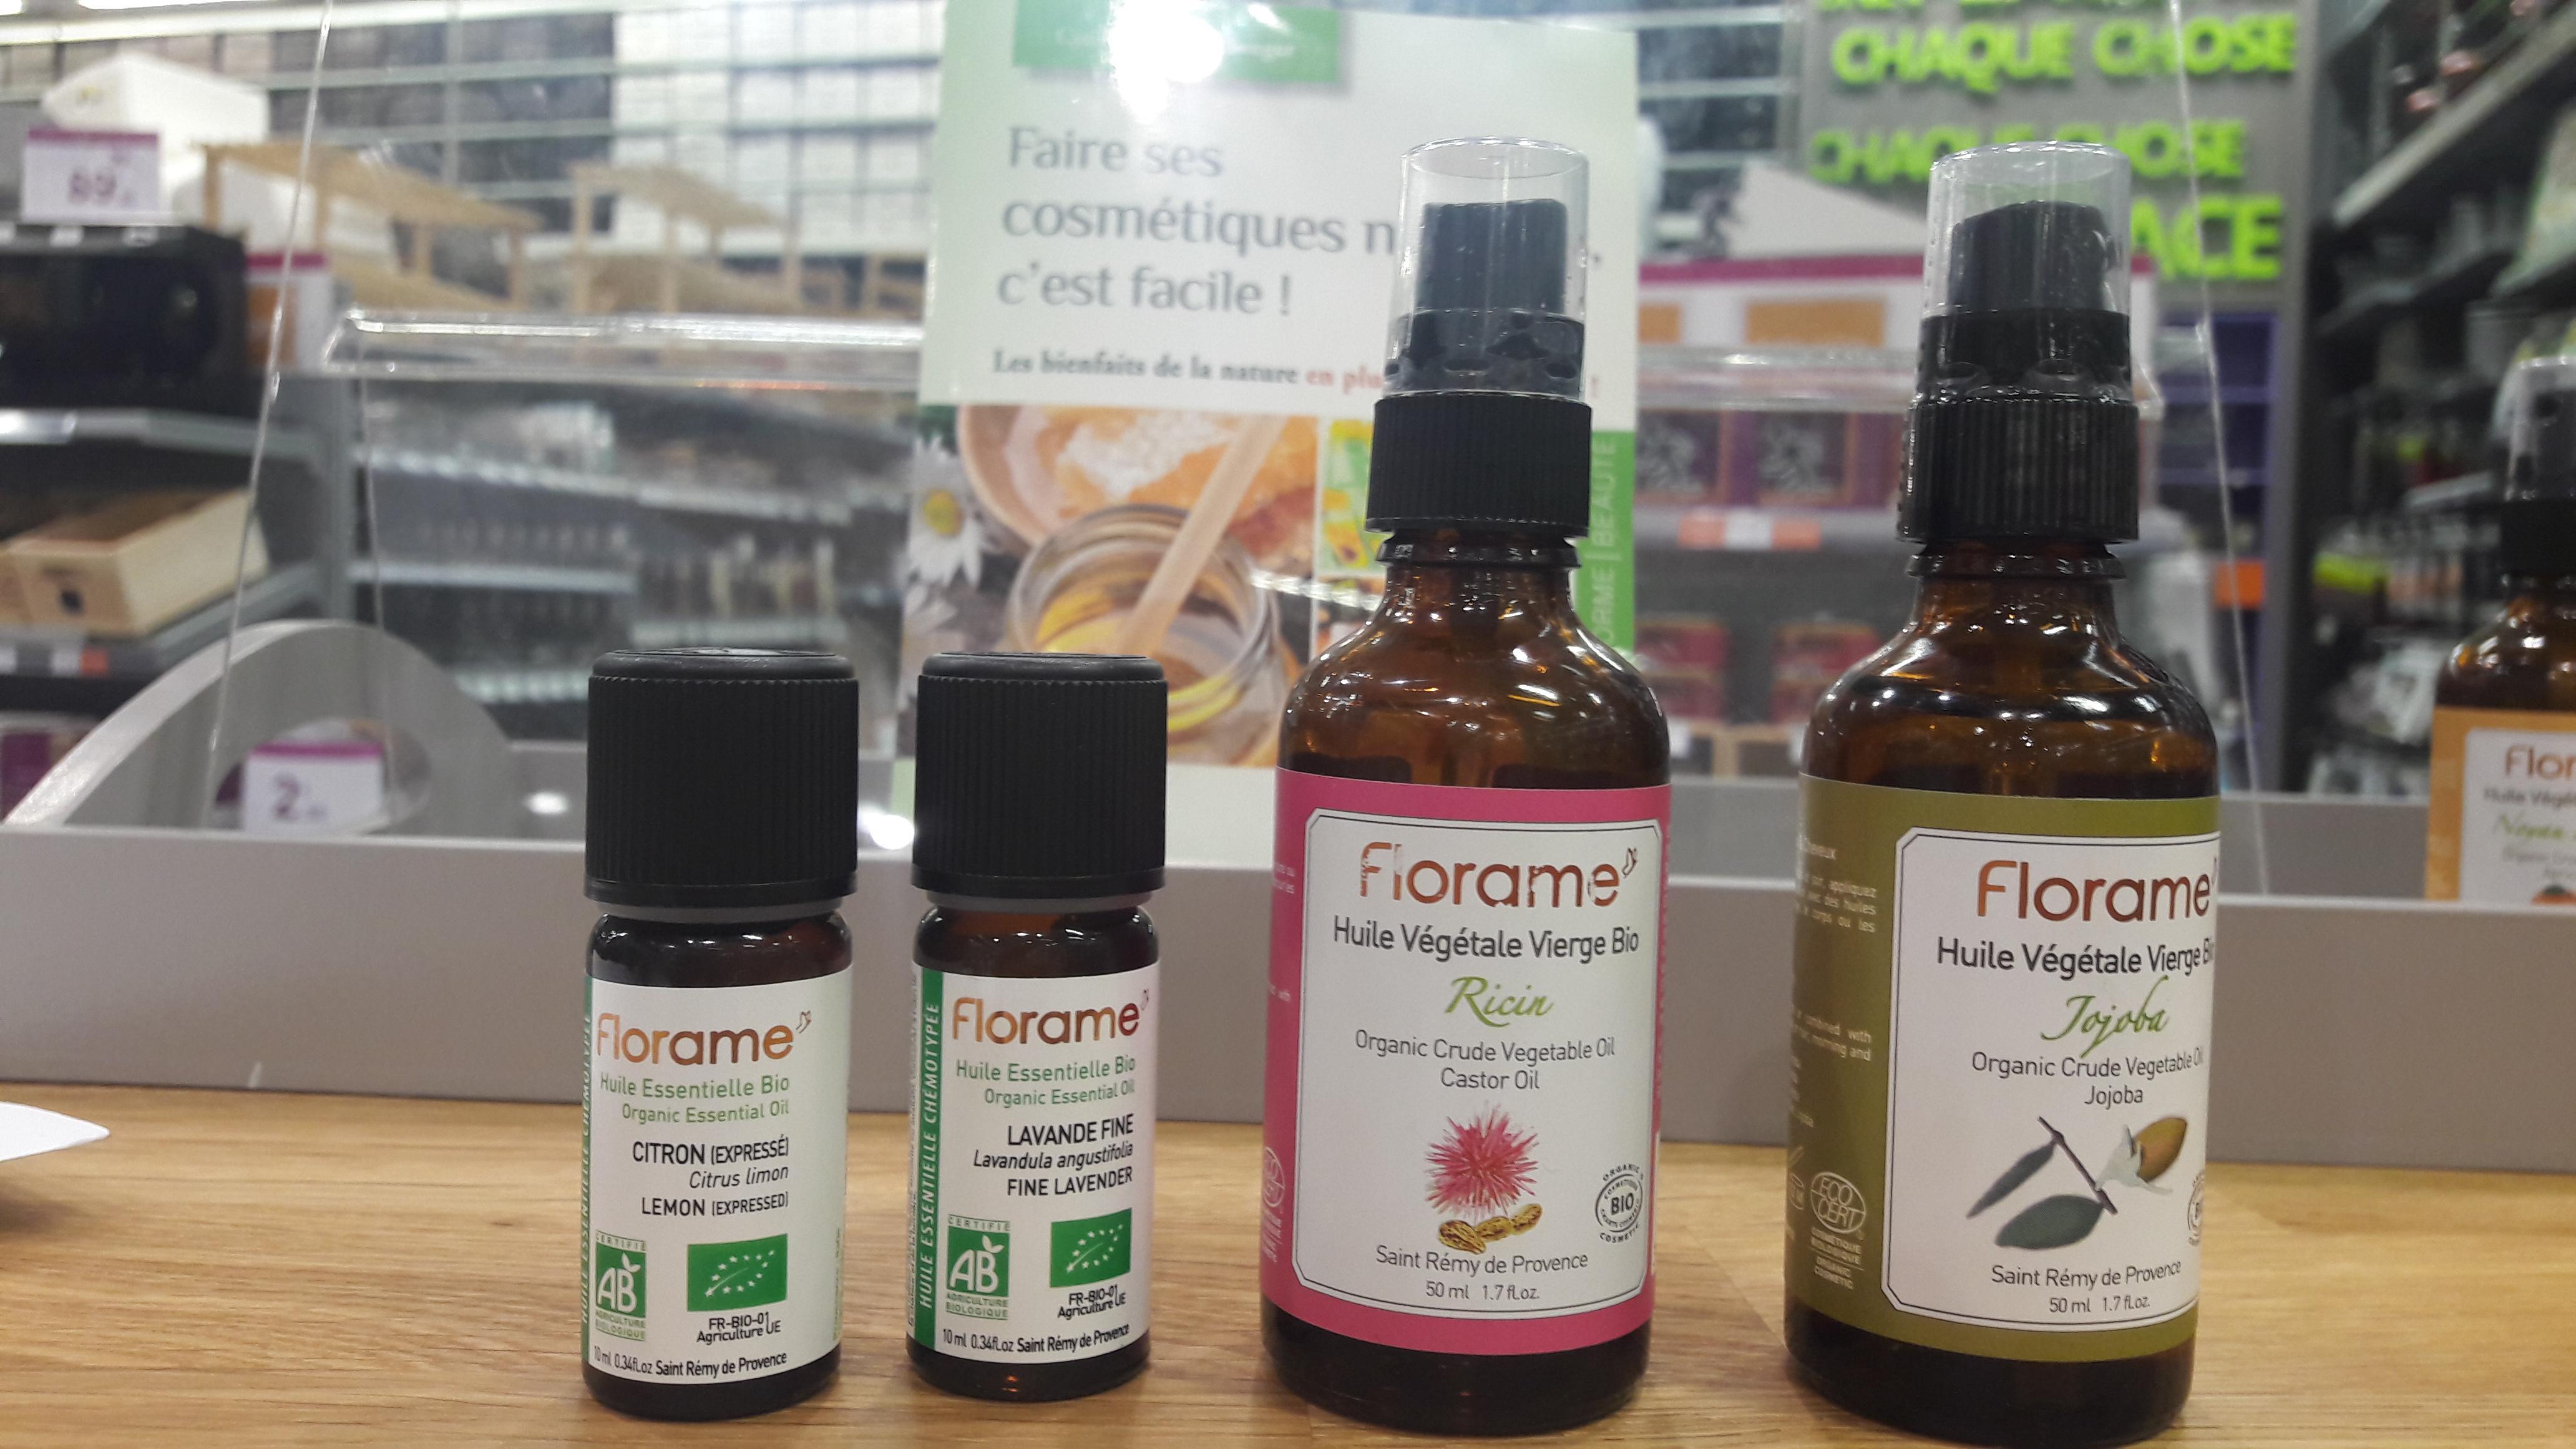 J'ai testé pour vous huiles végétales d'Amande douce et Ricin de chez Florame